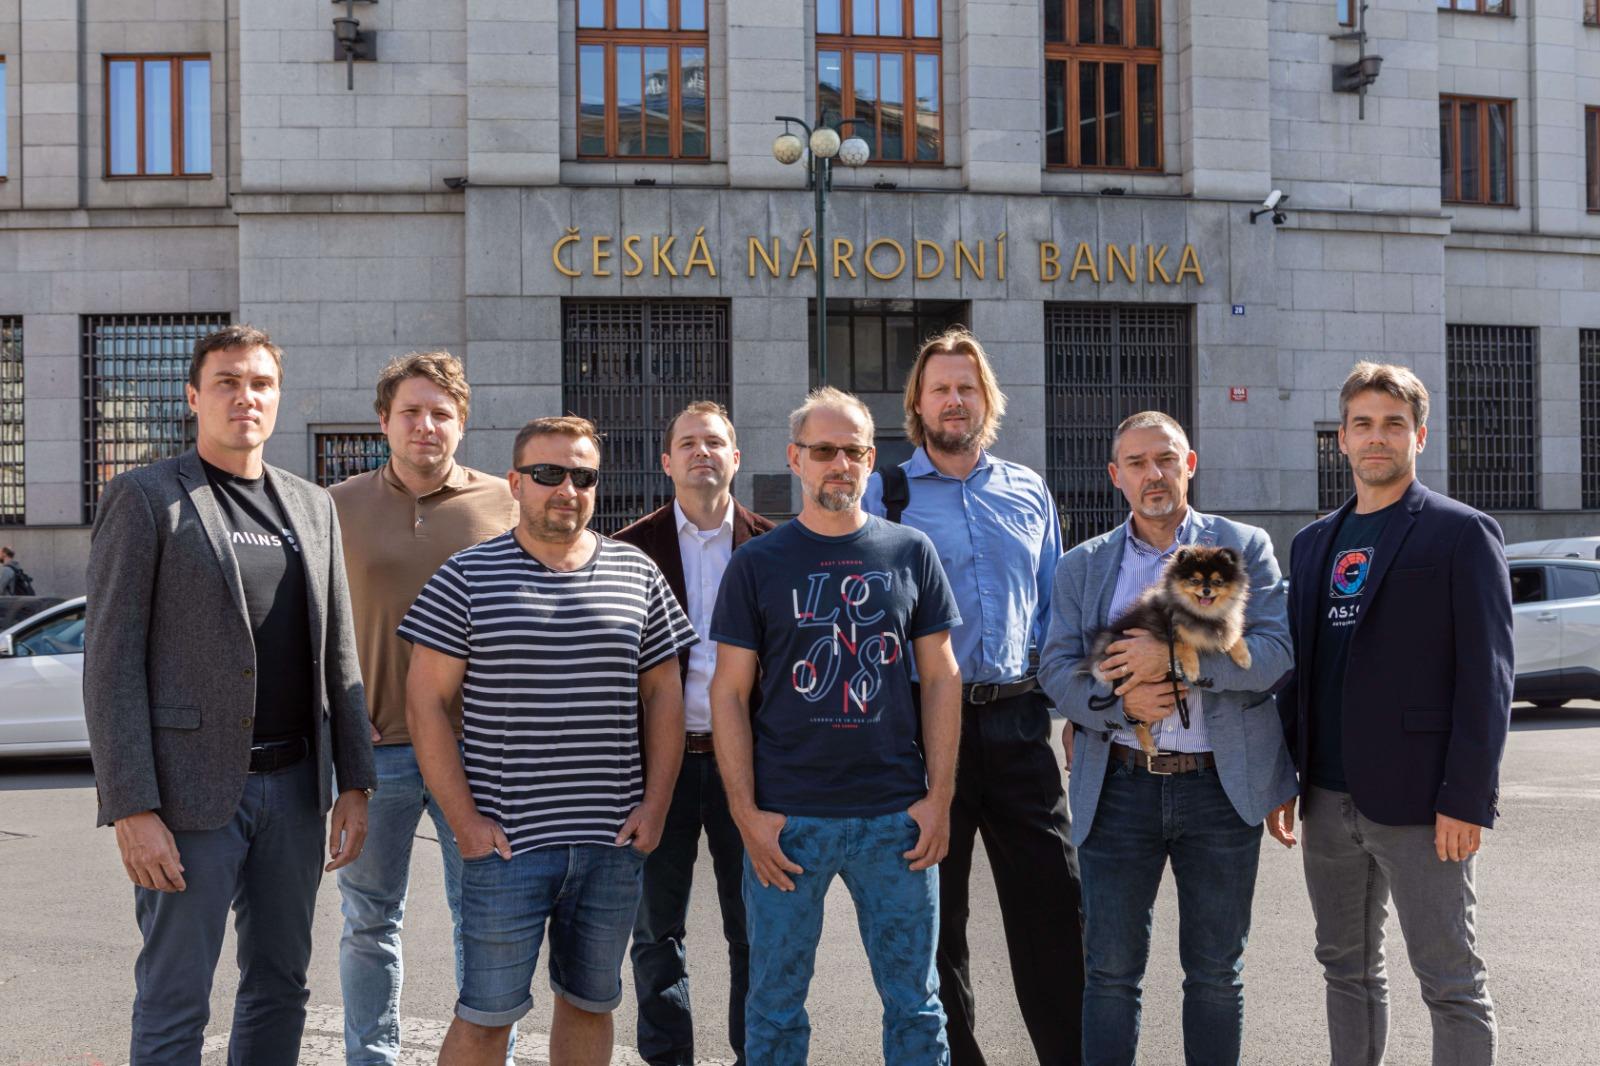 Čeští kryptoměnoví podnikatelé spojují síly na obranu svého oboru